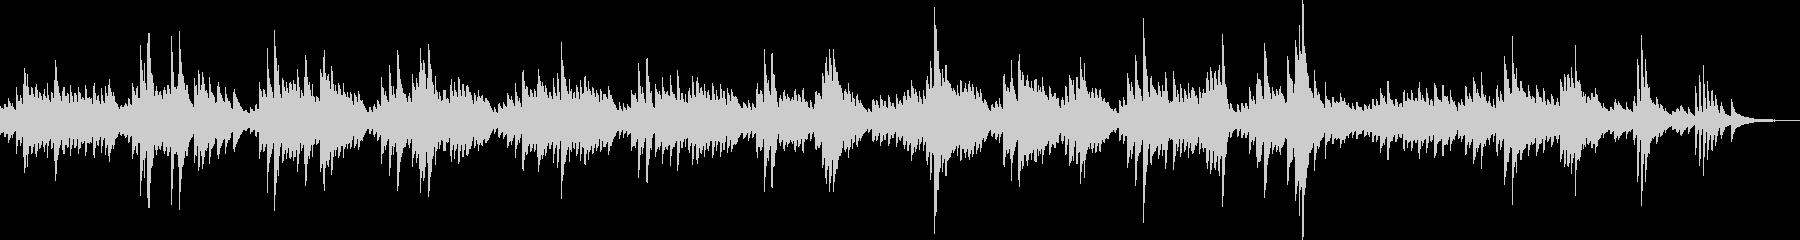 悲しいピアノBGM(切ない・シンプル)の未再生の波形